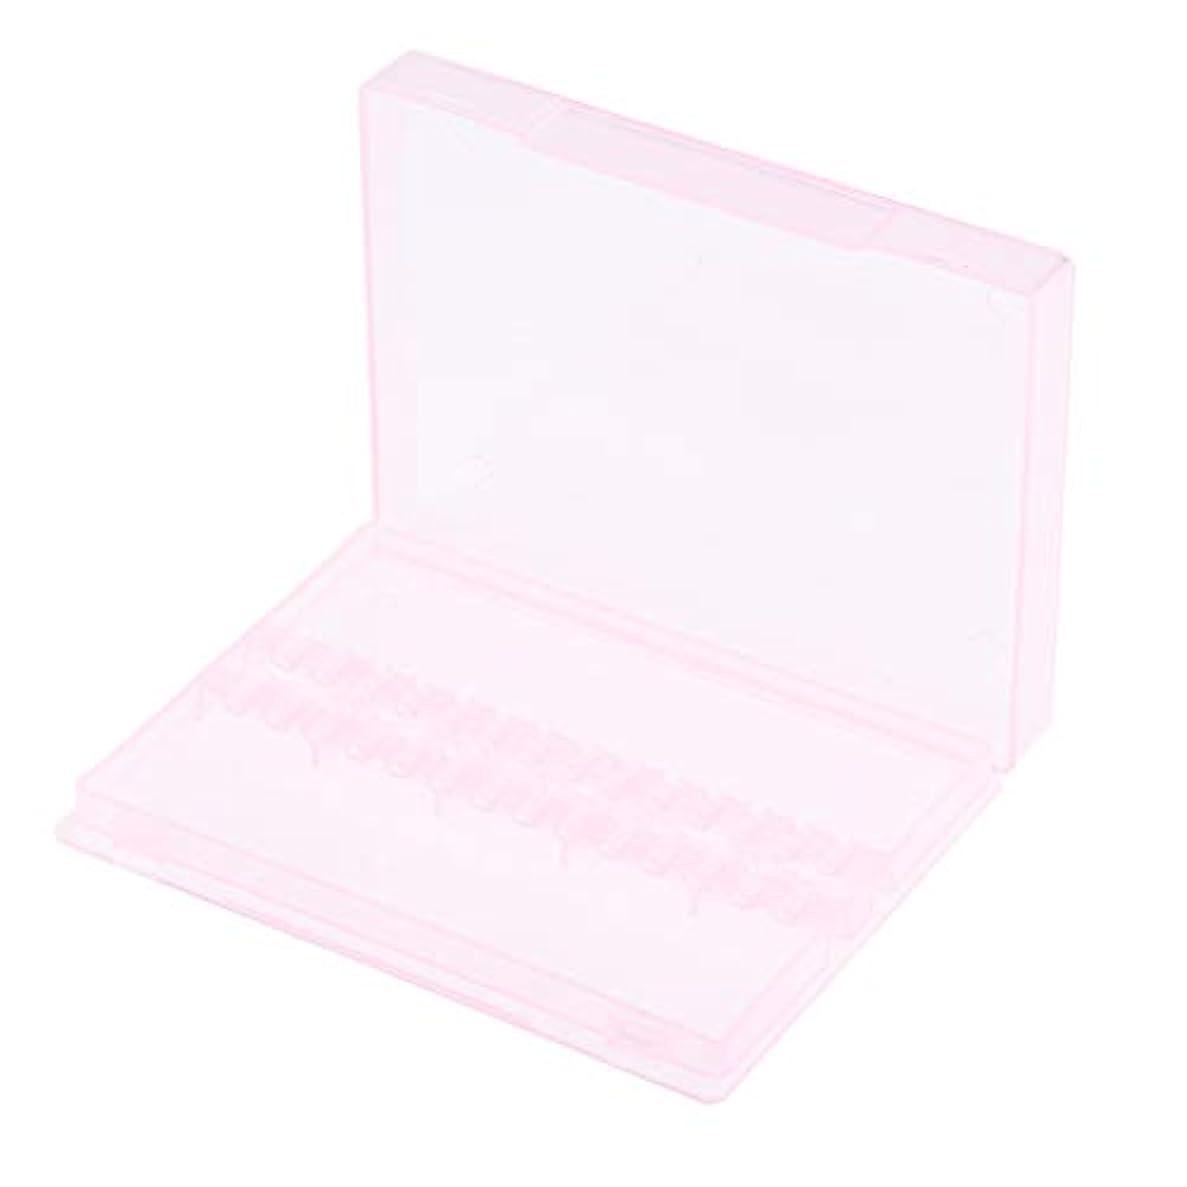 霧被害者贈り物ネイルアート ドリルビットホルダー 空ボックス 収納ケース 2色選べ - ピンク